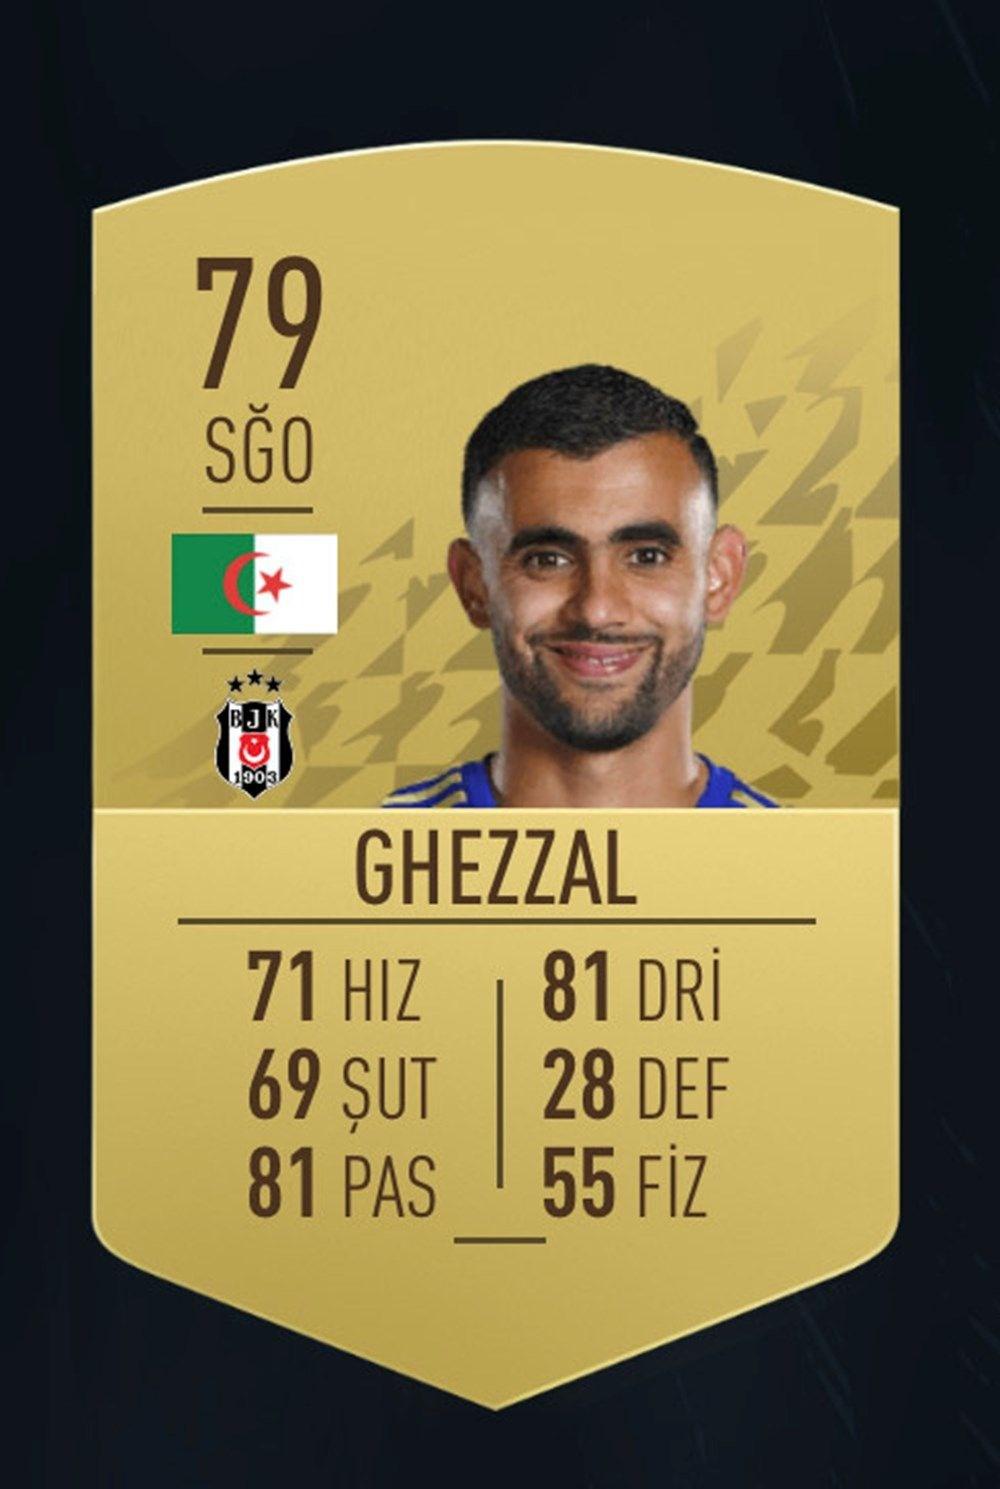 FIFA 22'de Süper Lig'in en iyi oyuncuları belli oldu - 3